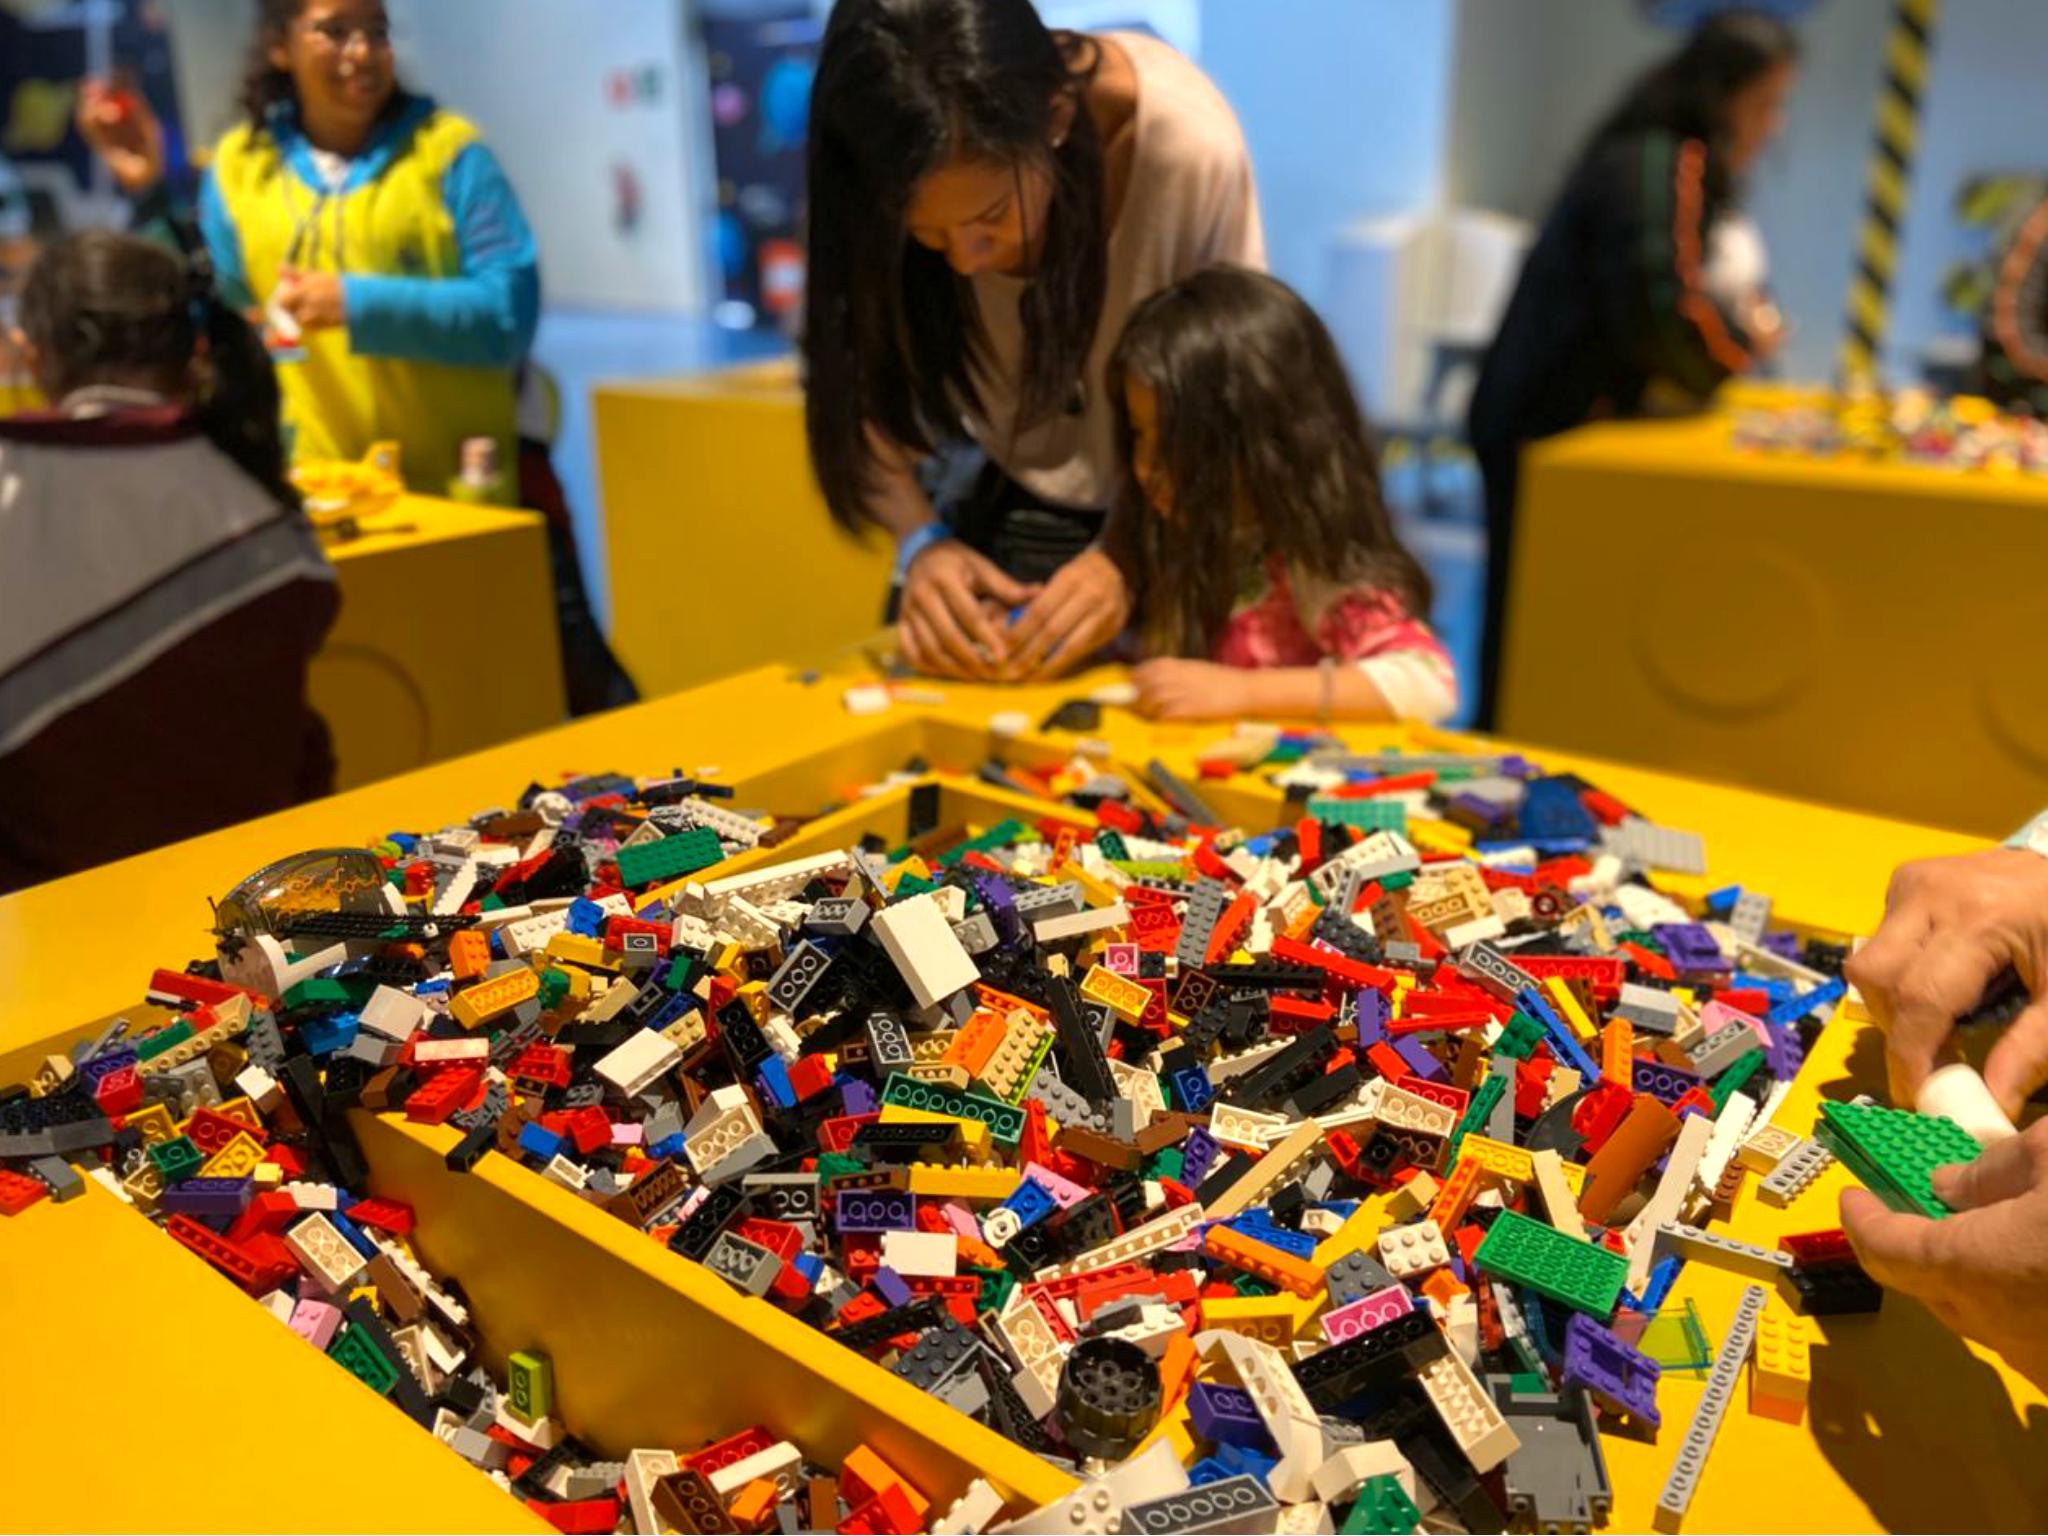 Lego Playtime en el Papalote Museo del Niño